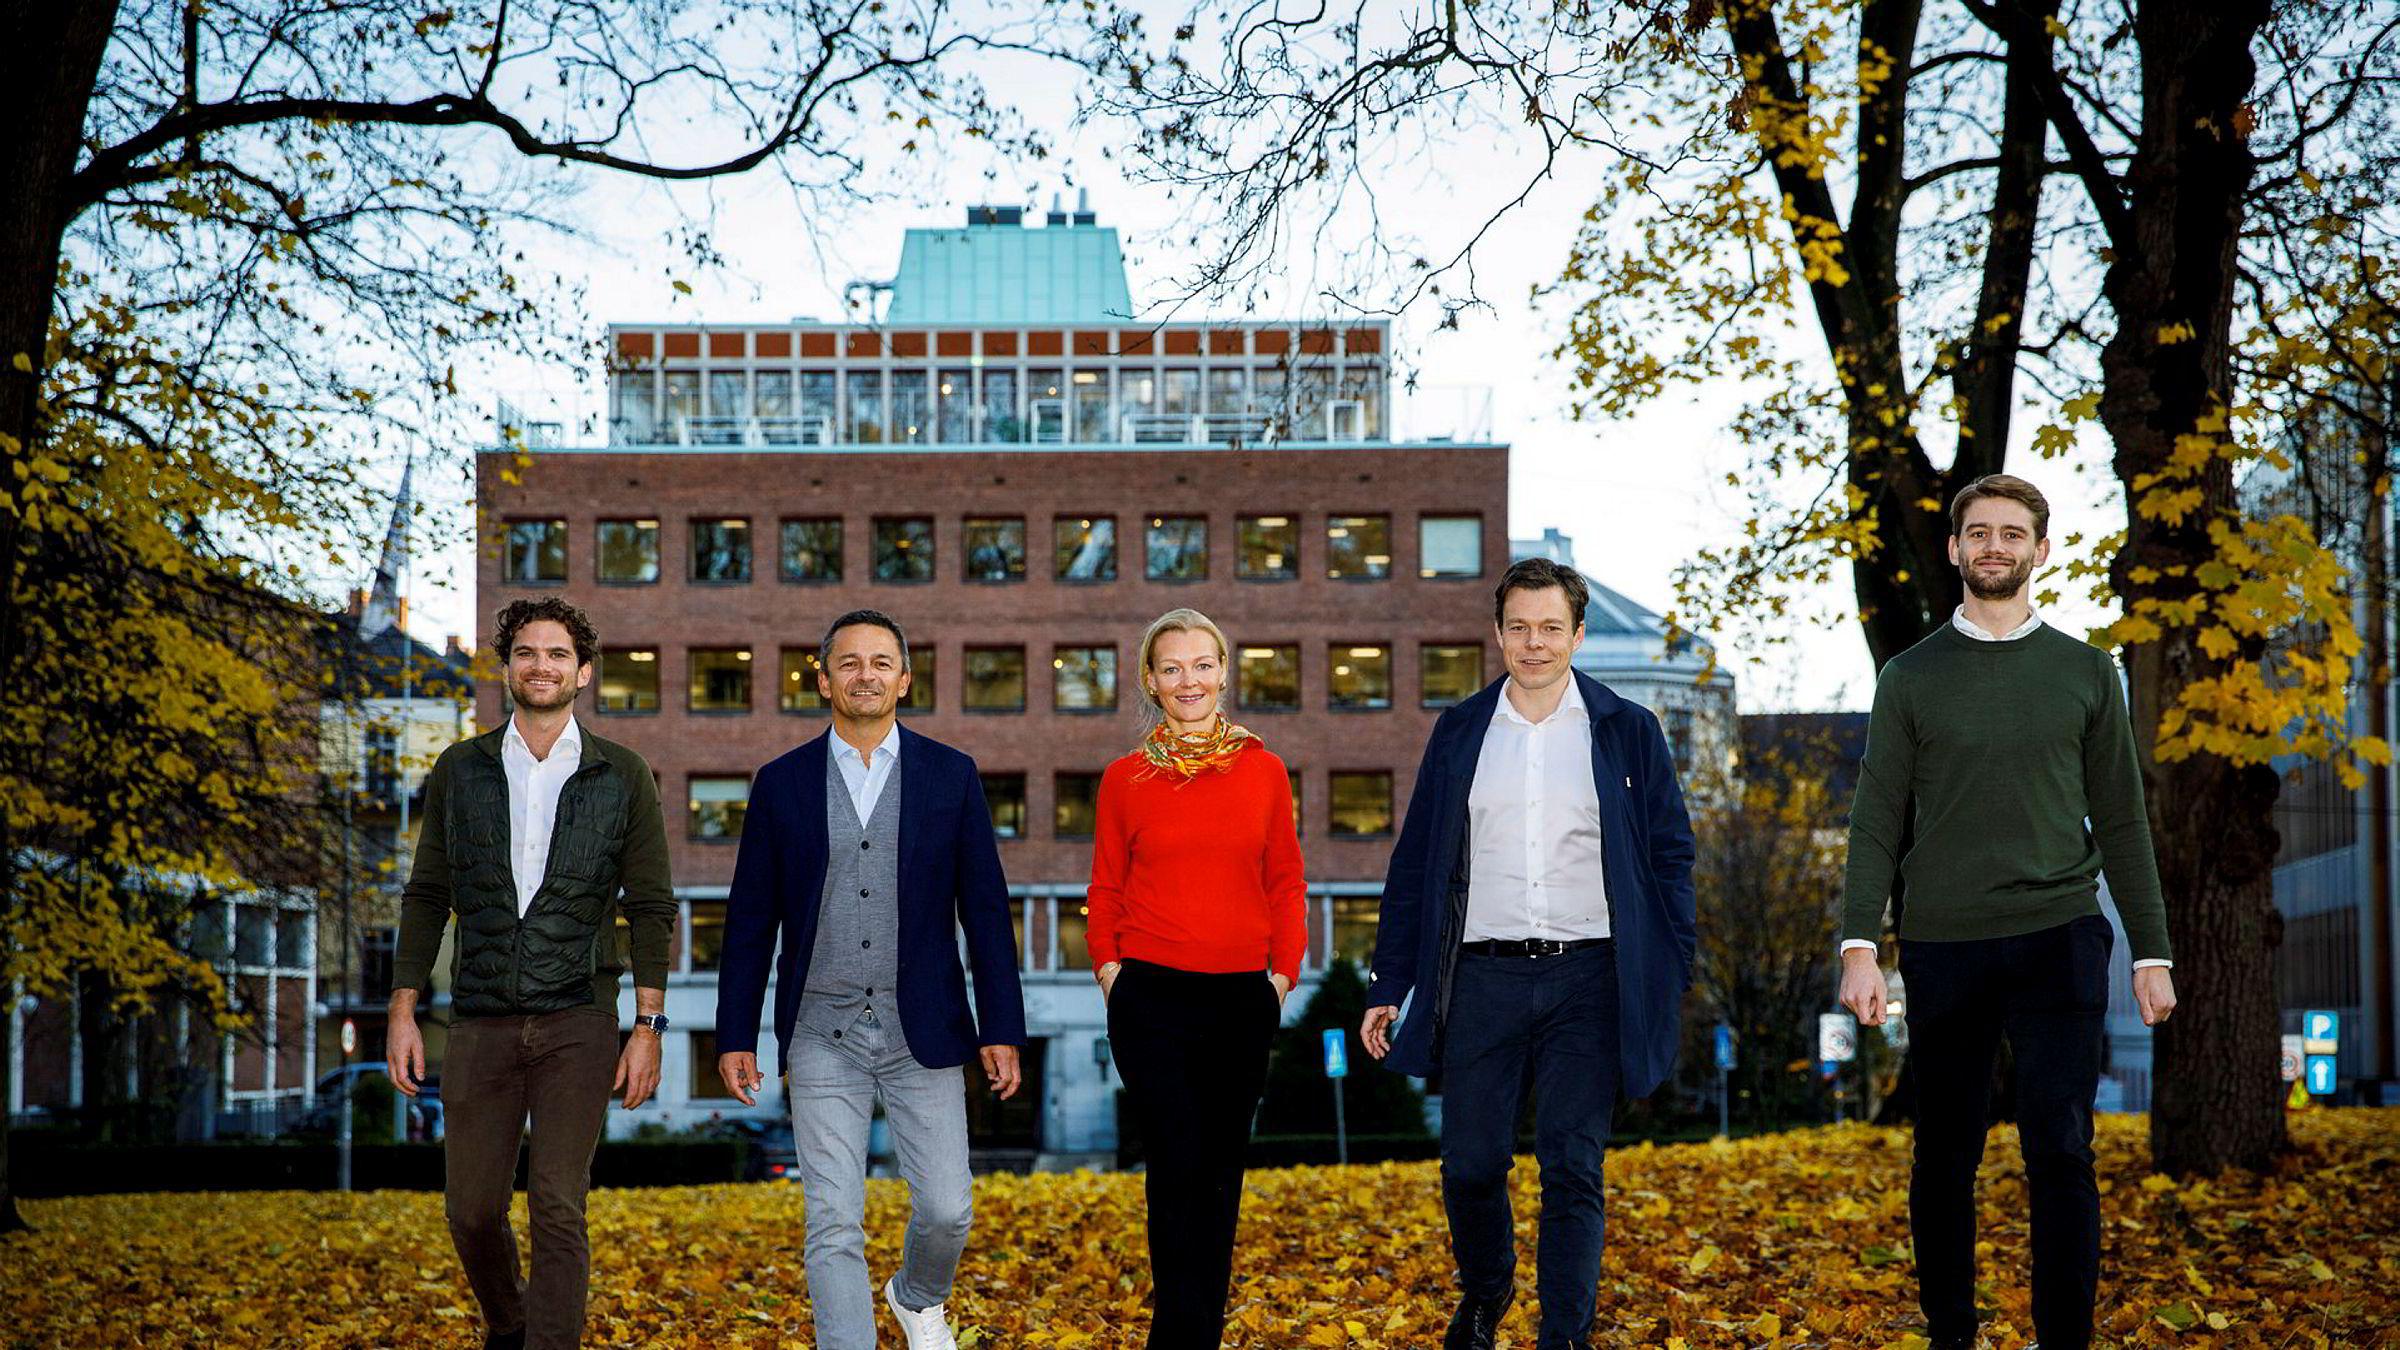 The North Alliance («NoA») har inngått avtale om kjøp av det prisvinnende digitalbyrået Proletar. Fra venstre: Magnus Wrangell Ruud, Proletar, Thomas Høgebøl/NoA, Hanne Bismo Mustad/NoA, Geirr Lødemel Tvedt, Proletar og Rune Syvrud Sandåker, Proletar.